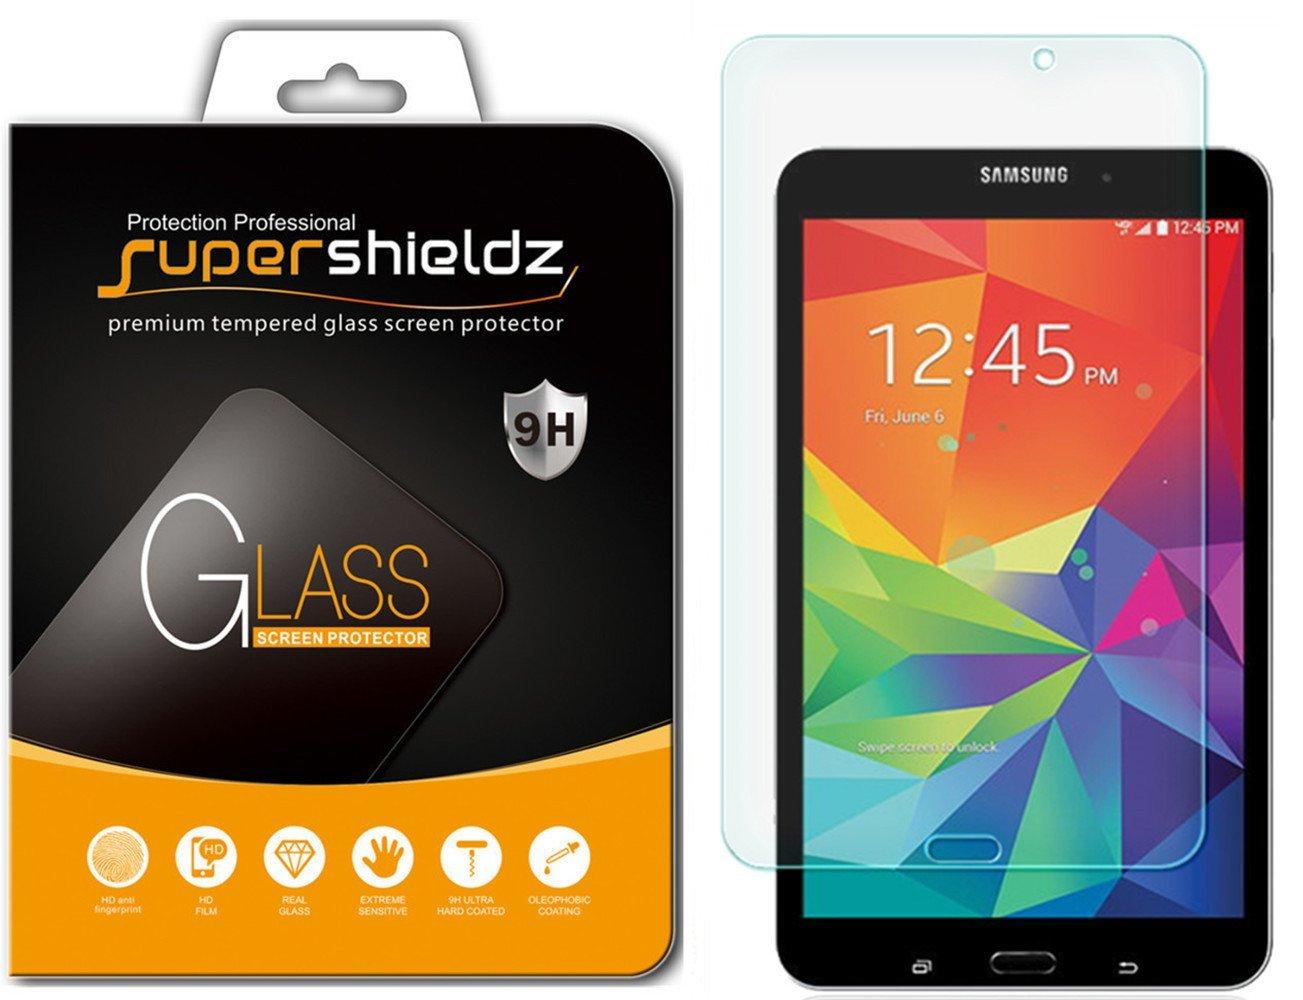 Vidrio Templado para Samsung Galaxy Tab 4 8.0 8 pulg